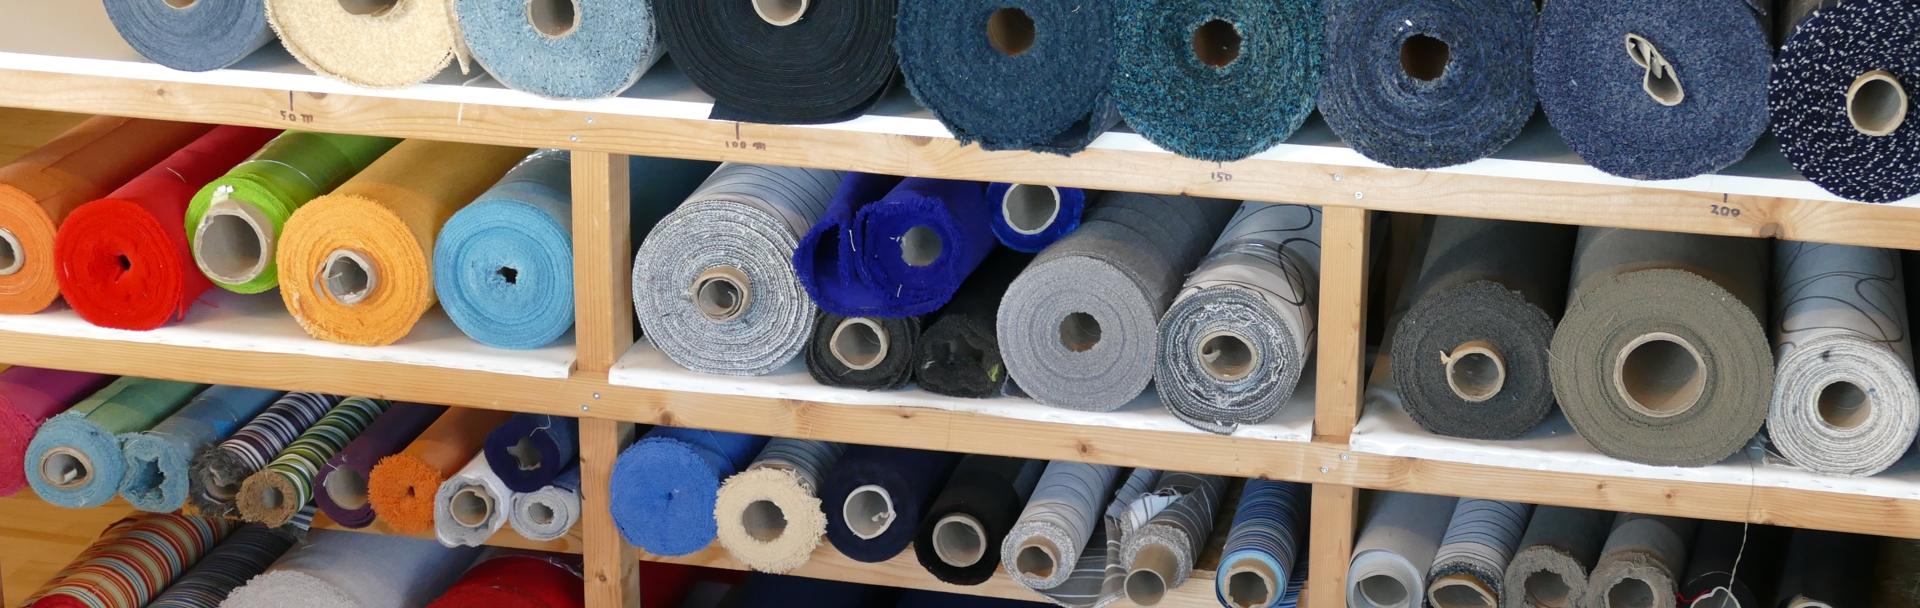 voordeel meubelstoffen